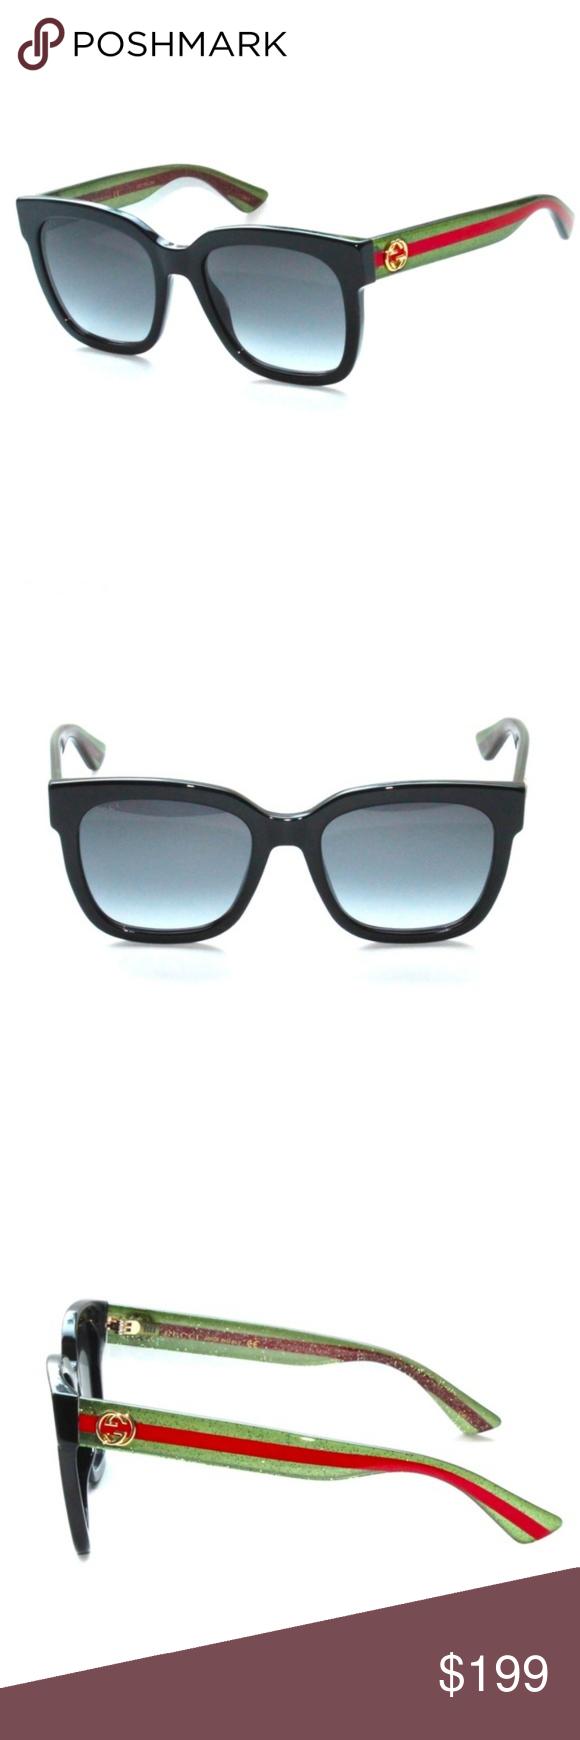 71f21c7ea82 GUCCI GG0034S 002 Black-Green-Red Grey Gradient Le Gucci 100% AUTHENTIC